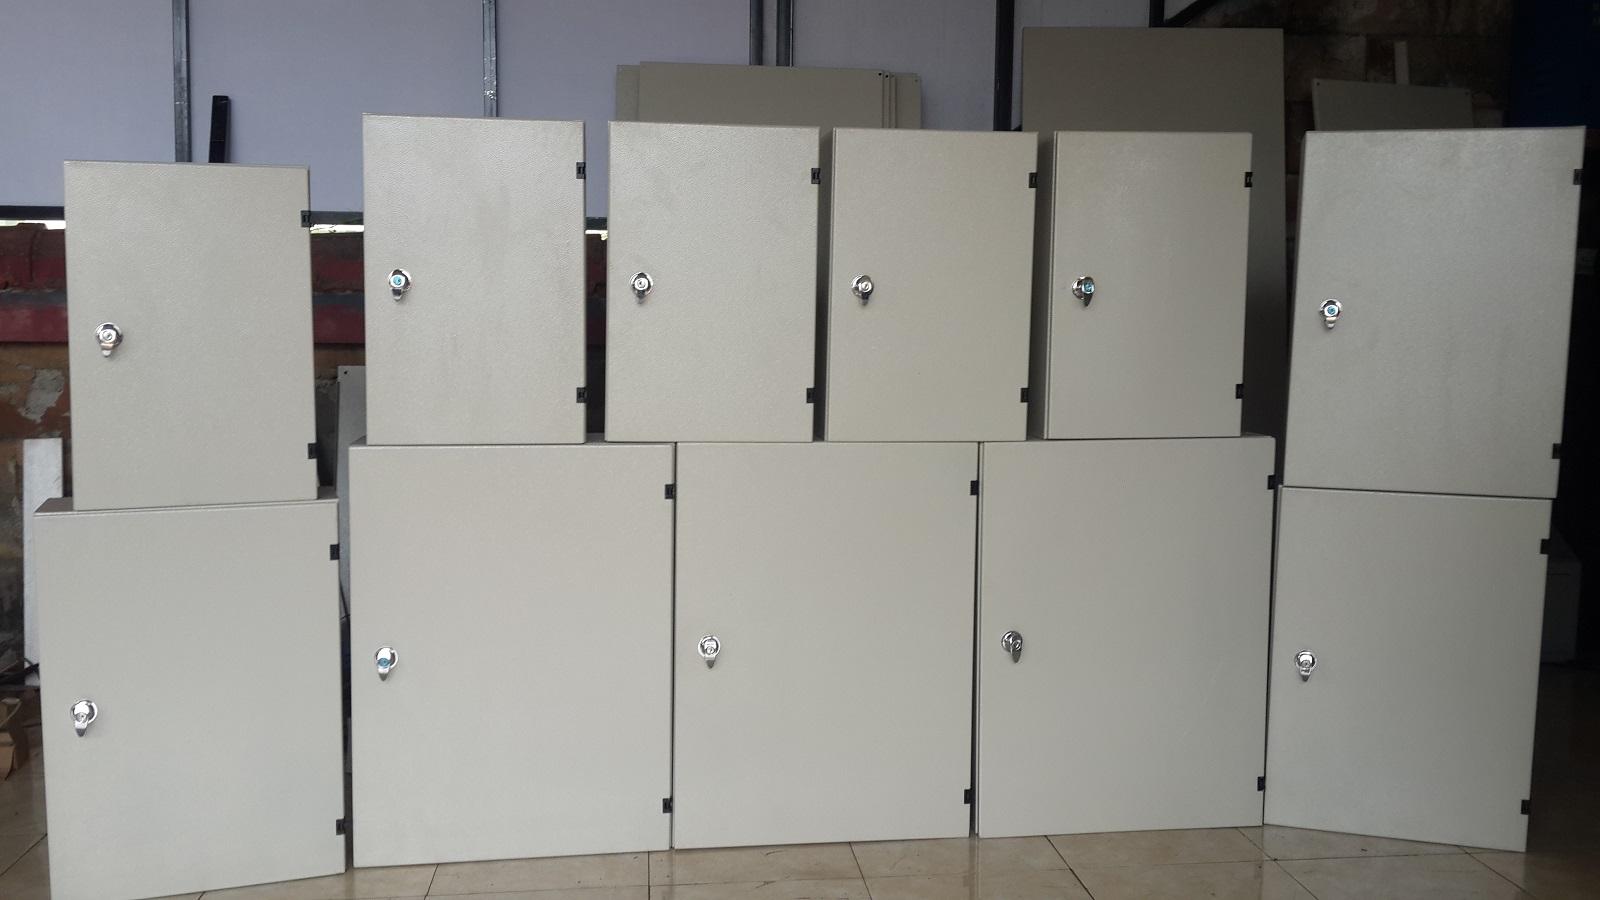 Box Wall Panels : Panel wall mounting tukang box